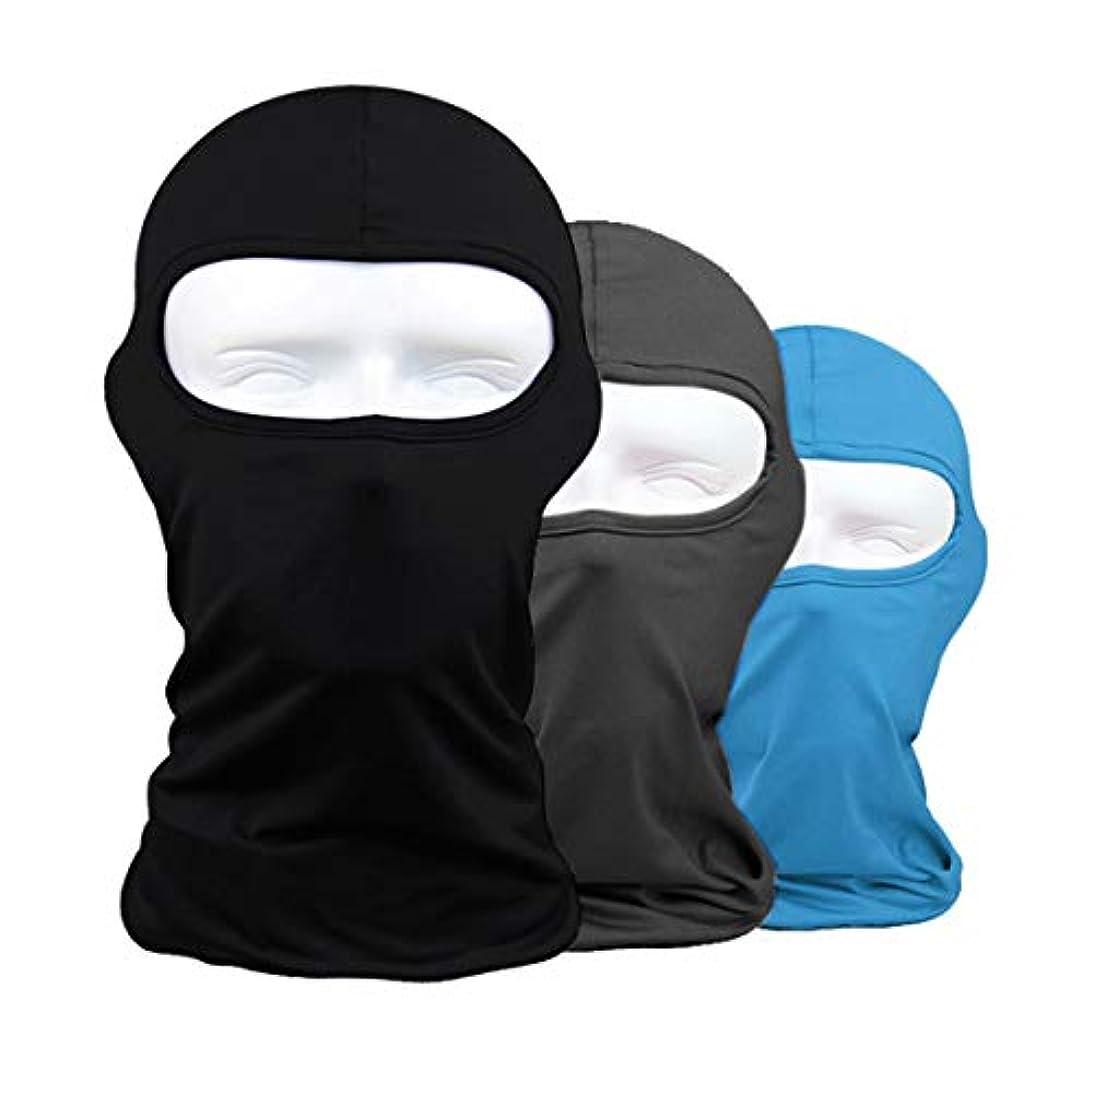 微弱積極的に外交フェイスマスク 通気 速乾 ヘッドウェア ライクラ生地 目だし帽 バラクラバ 保温 UVカット,ブラック + グレー + ブルー,3枚